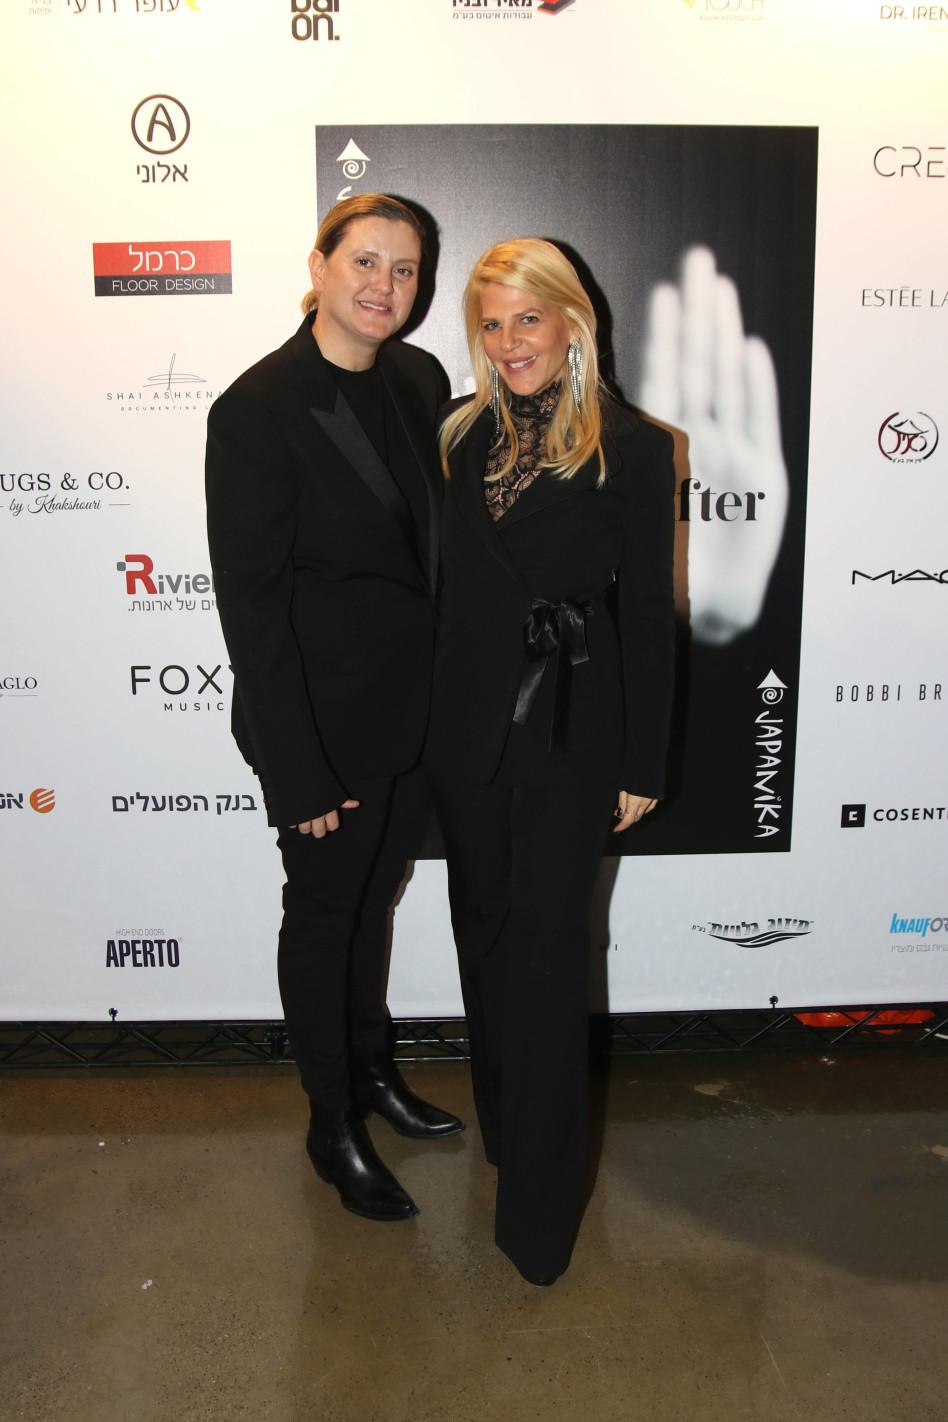 ציפי רומנו וסנדרה רינגלר (צילום: אור גפן)